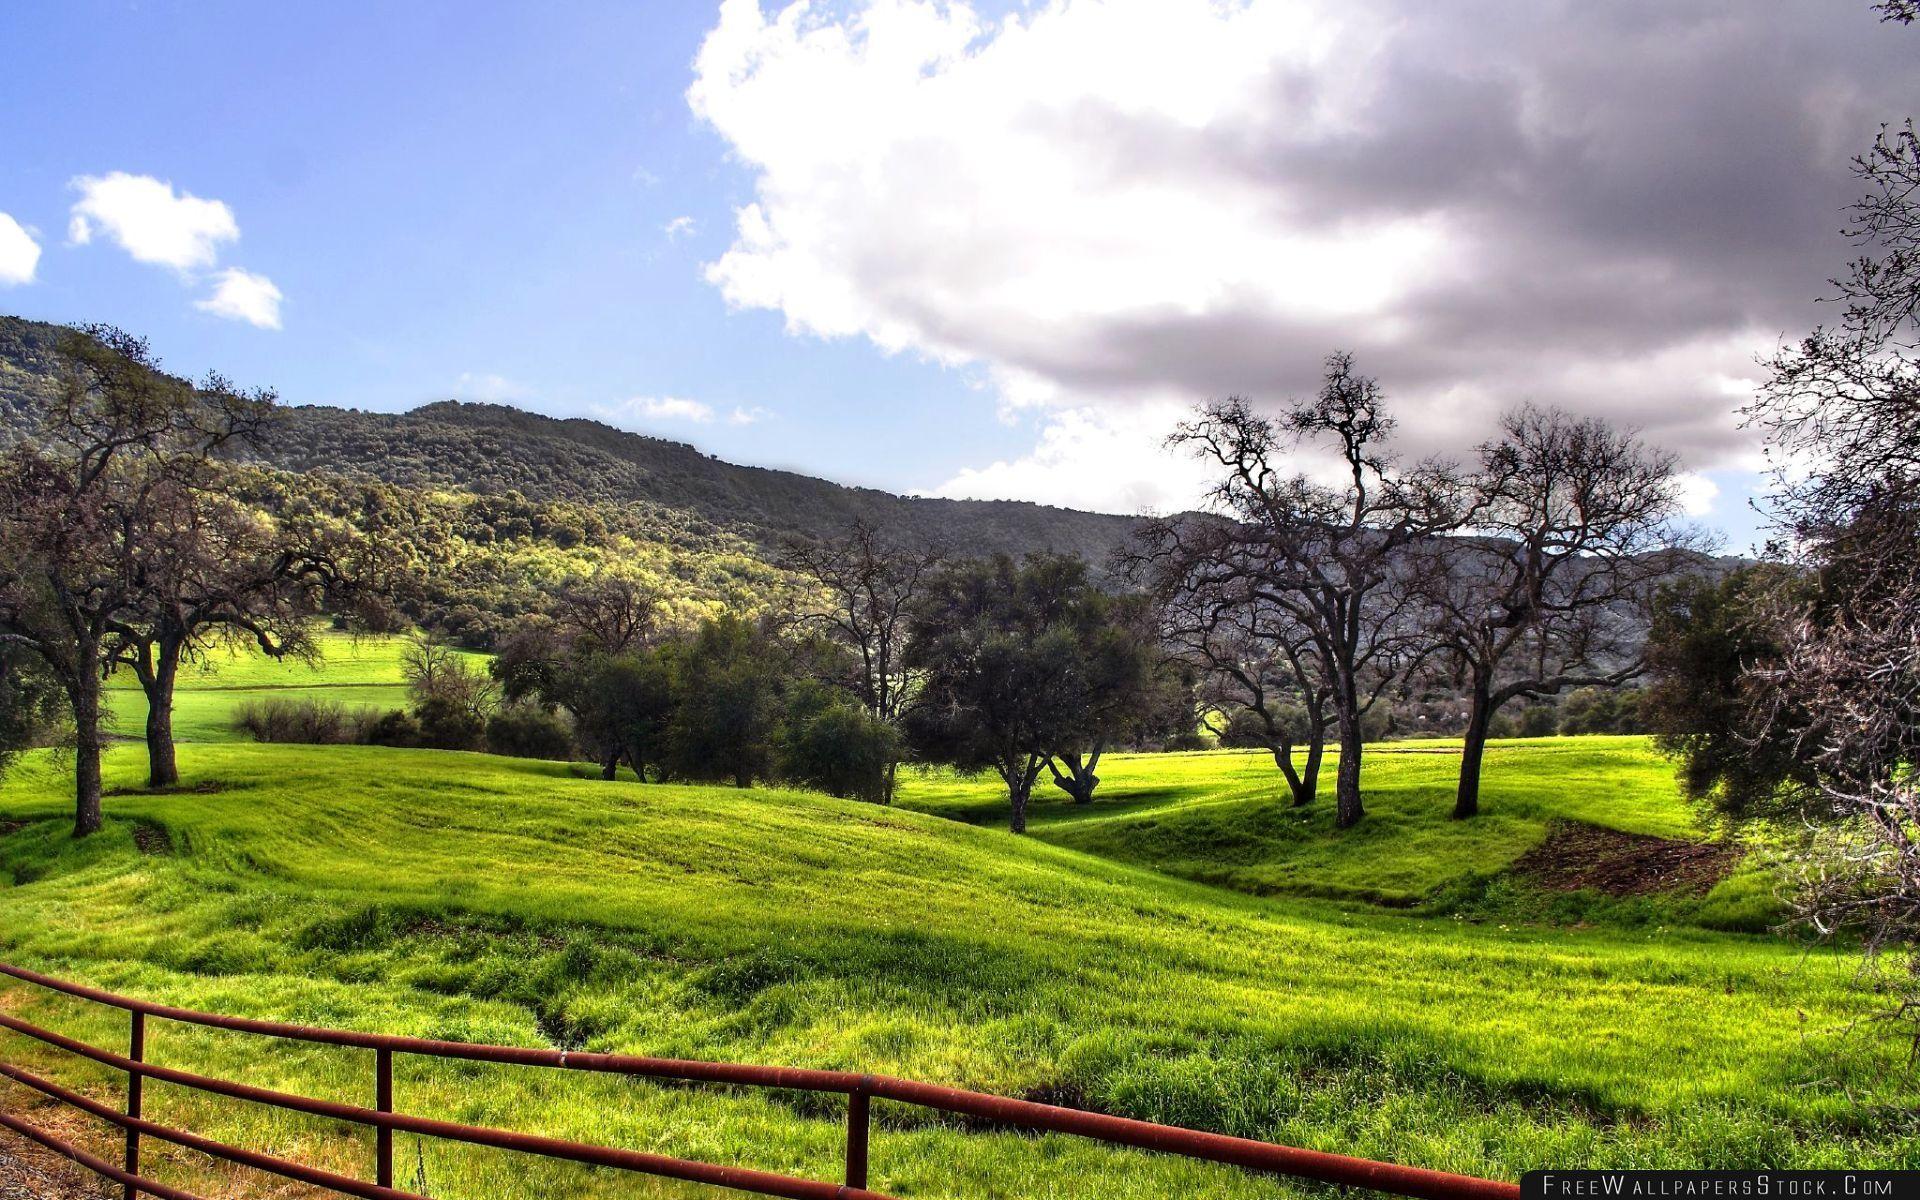 Download Free Wallpaper Spring Landscape Hdr